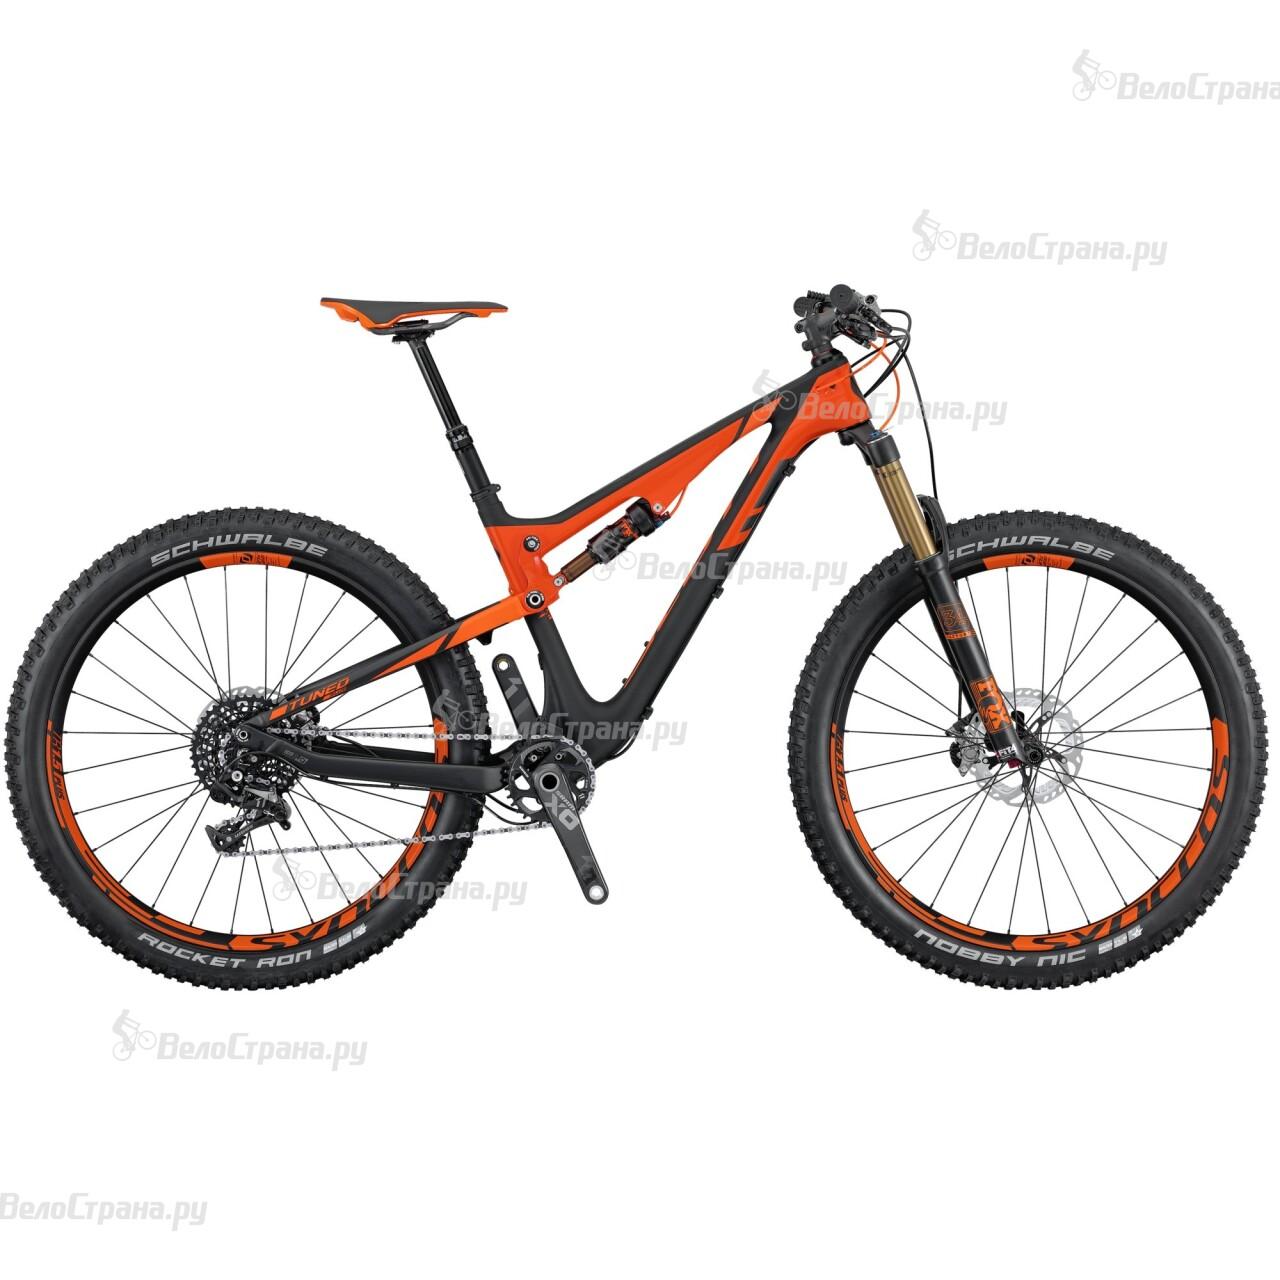 Велосипед Scott Genius 700 Tuned (2016) genius hs 300a silver